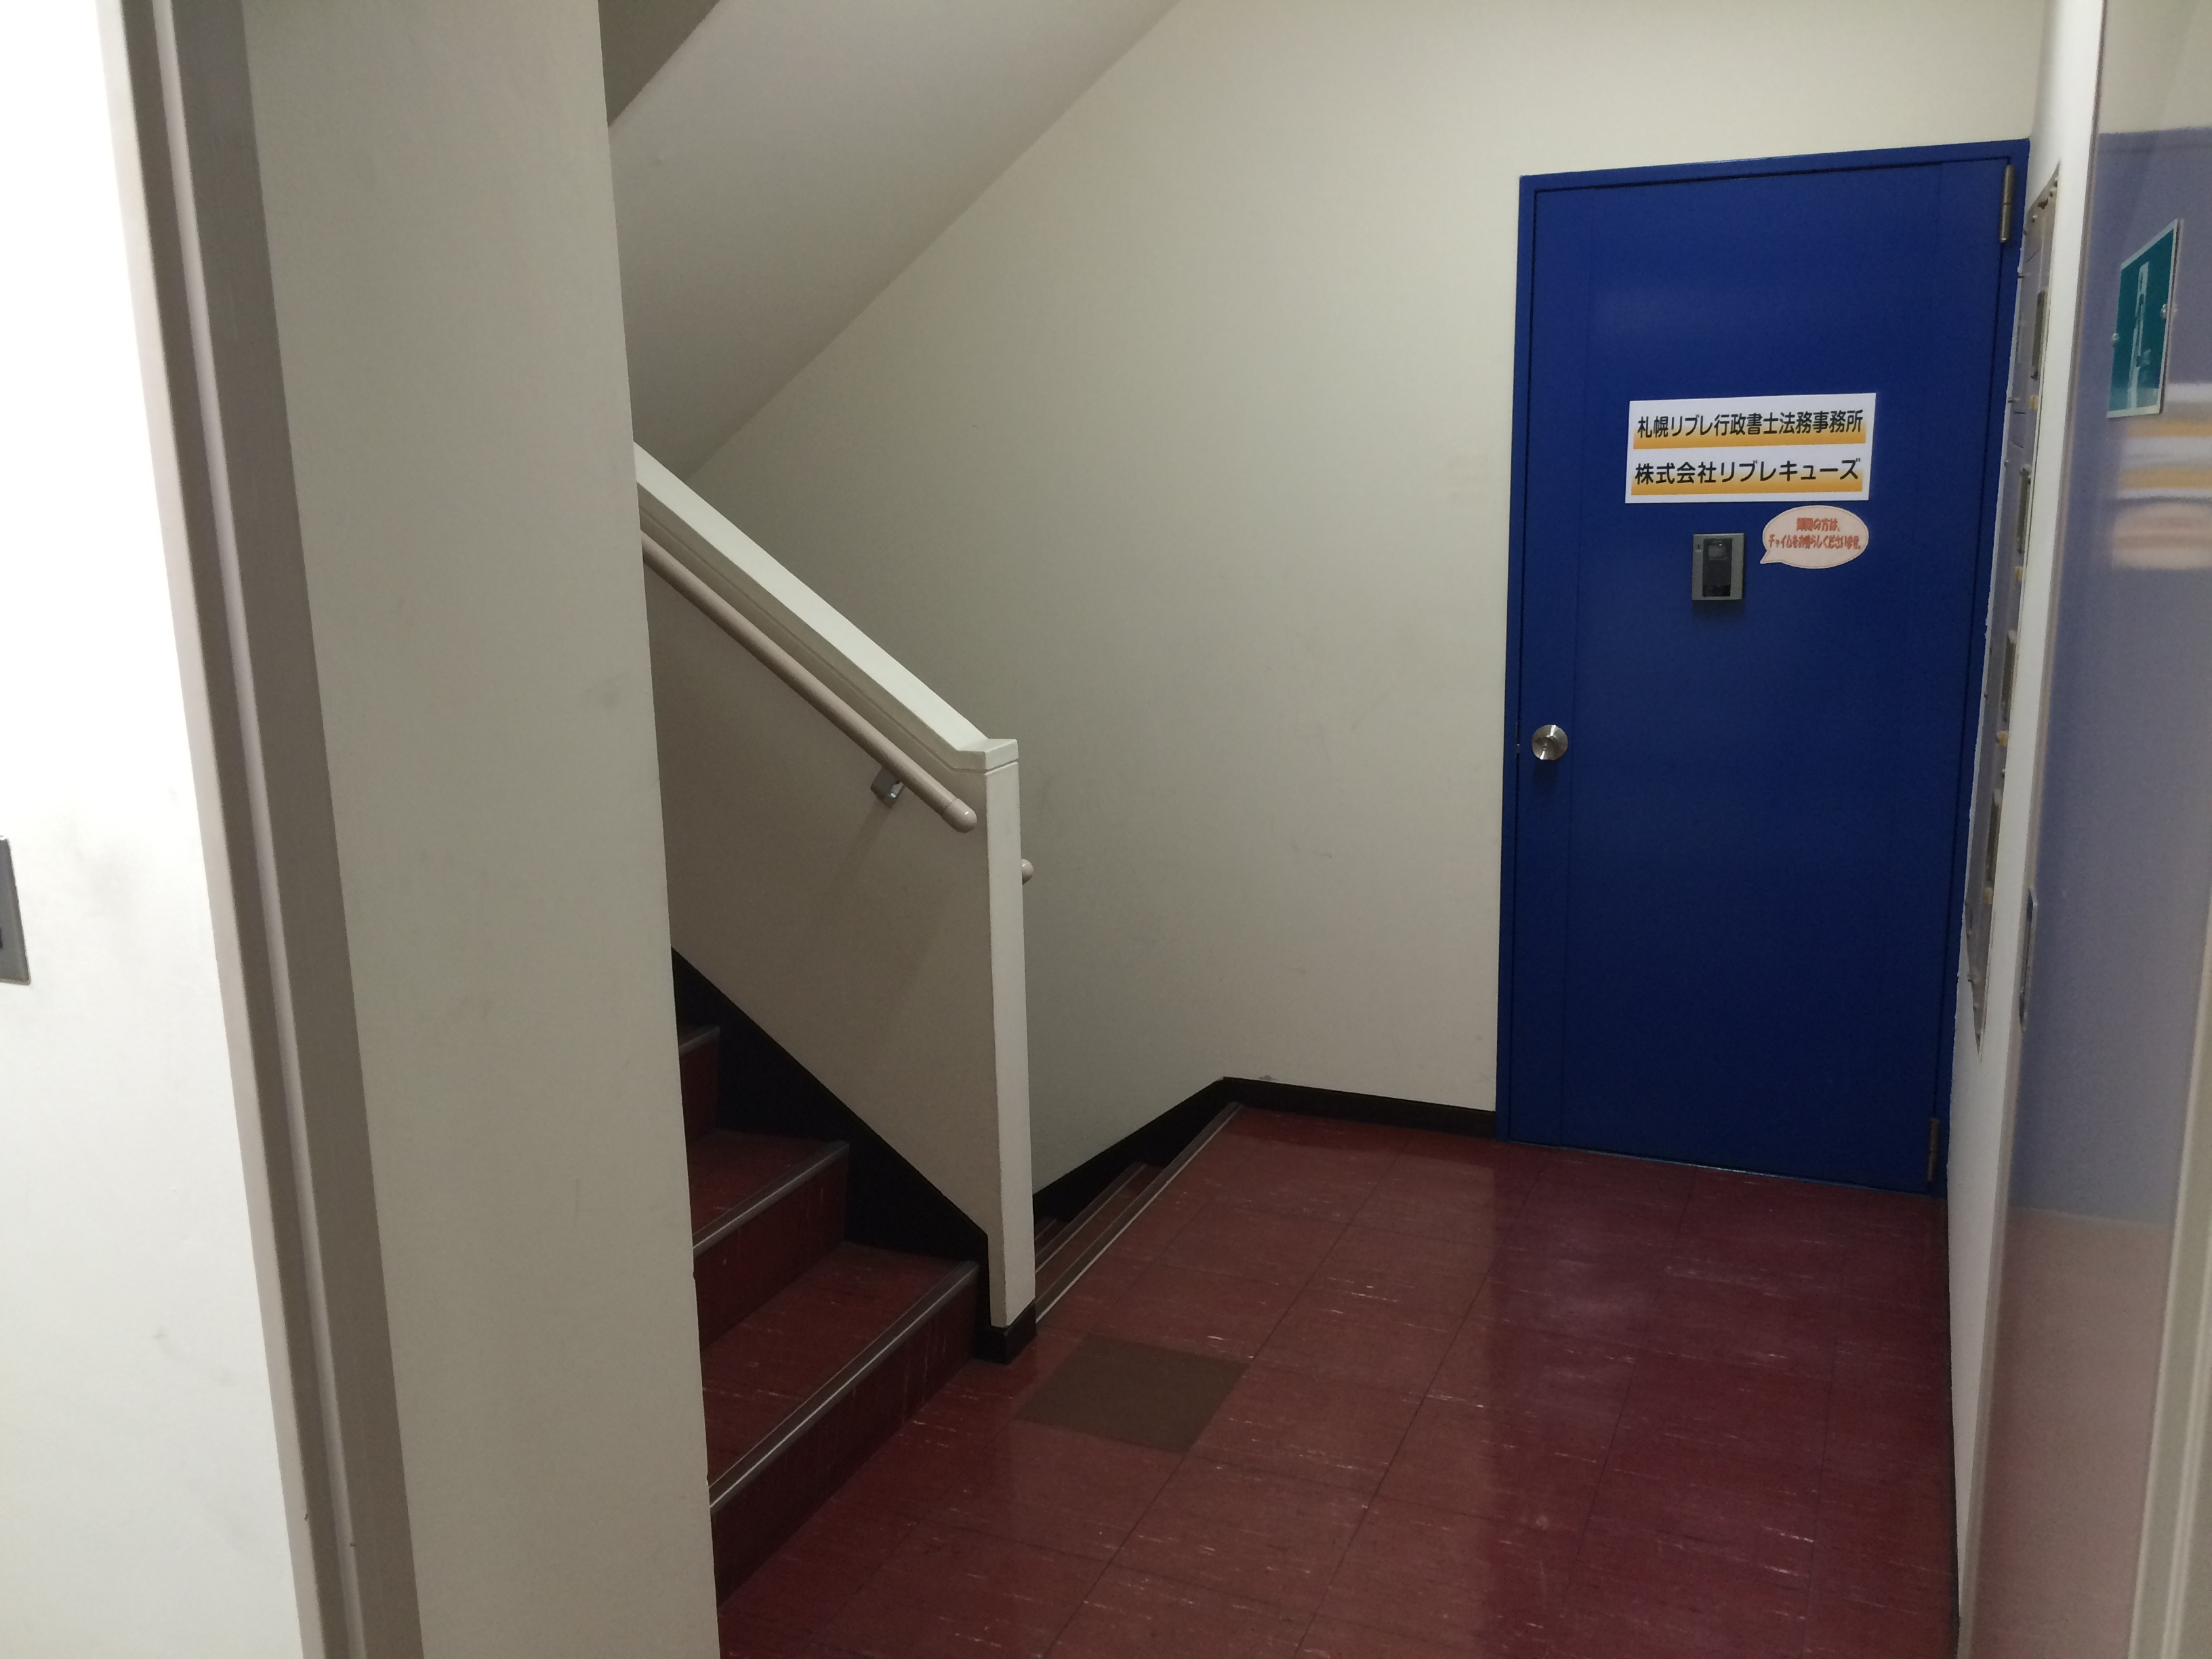 事務所の入口(階段踊り場)